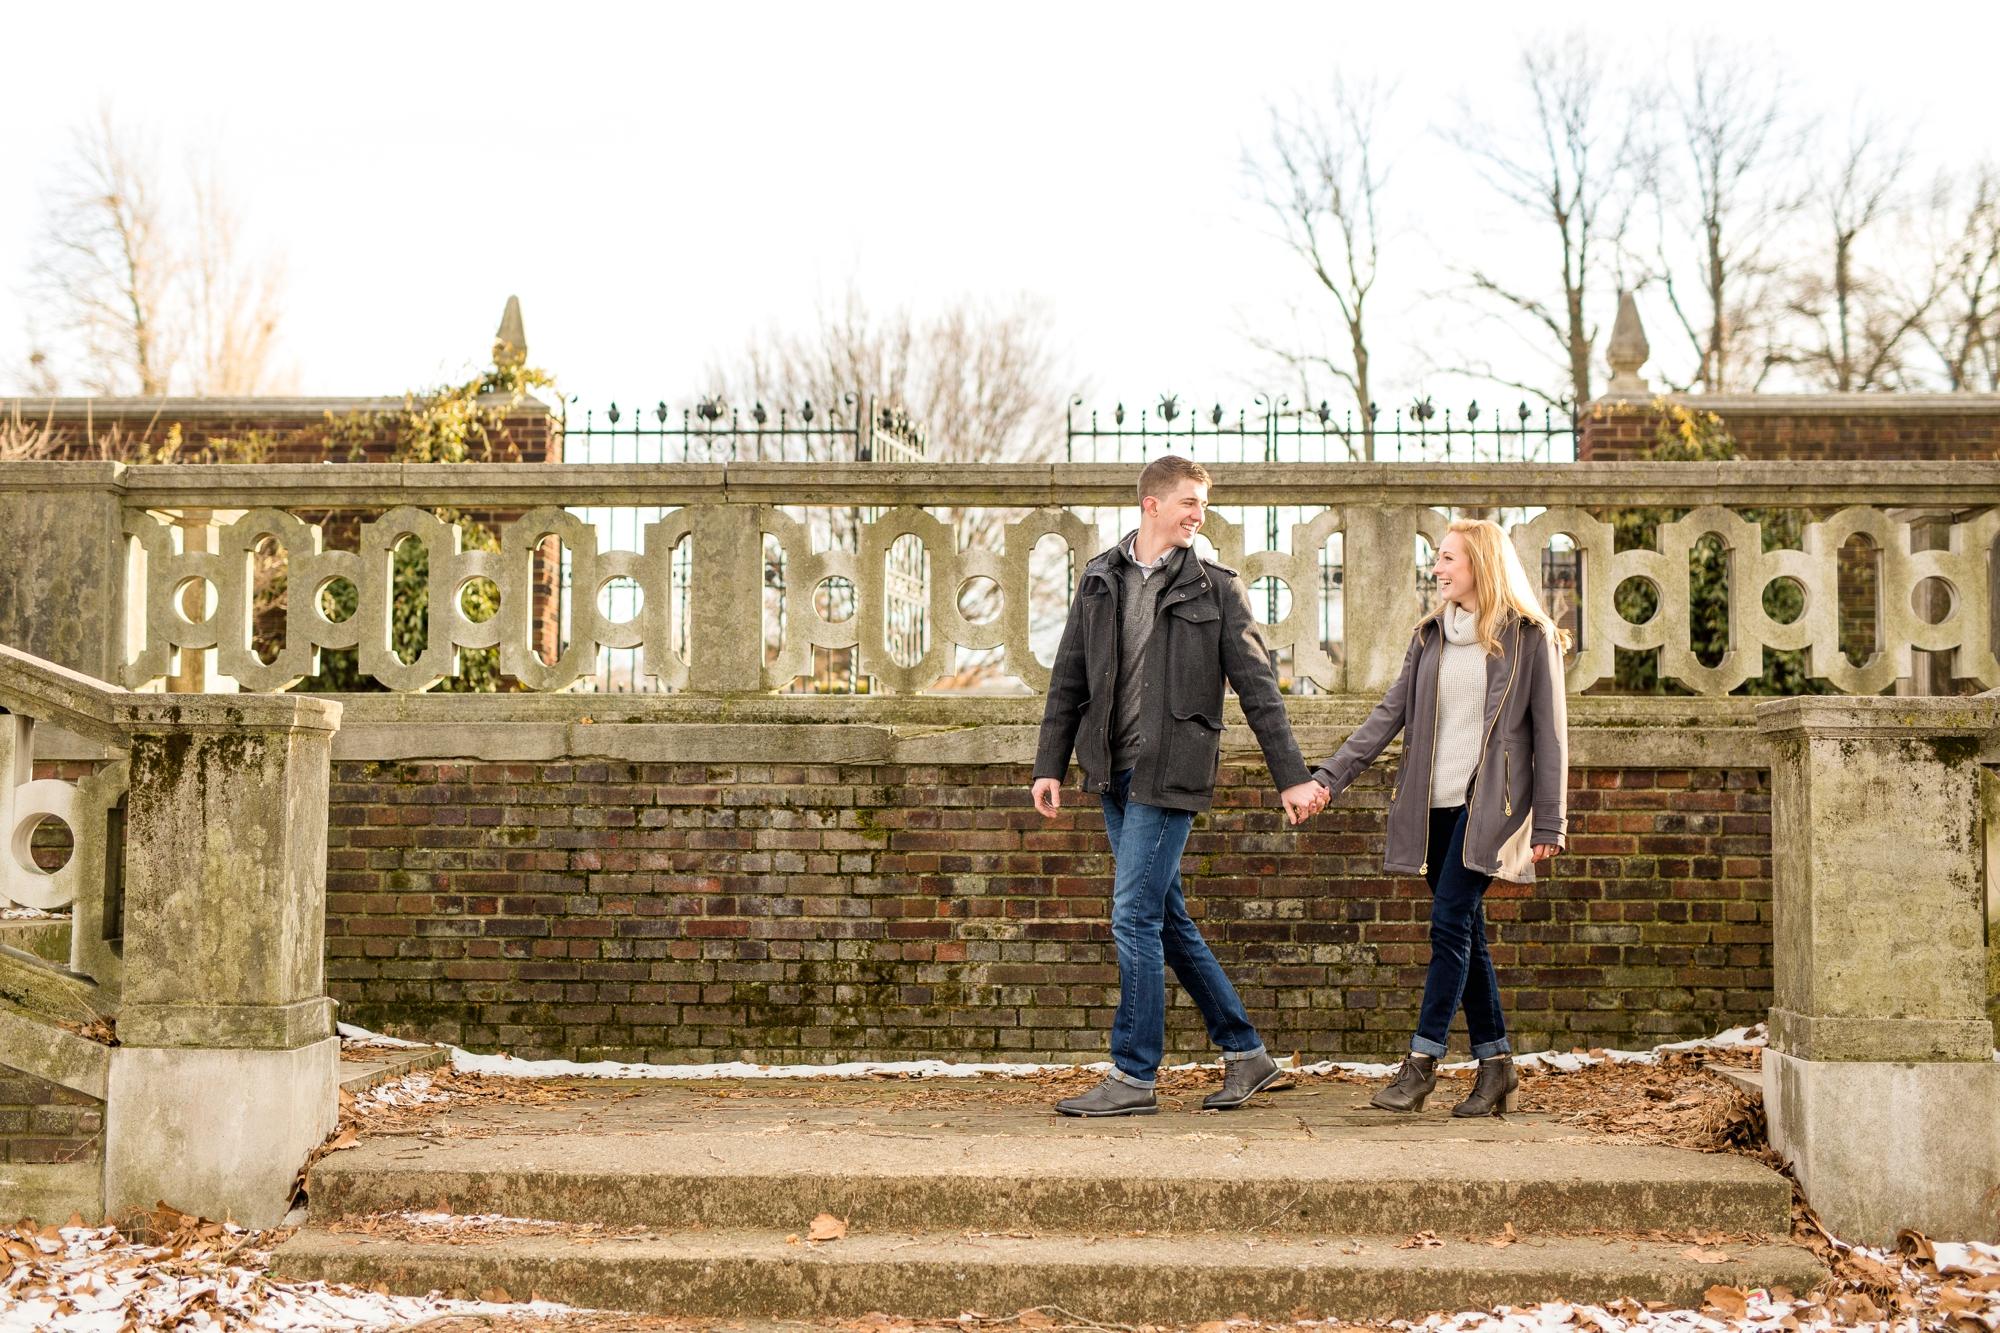 mellon park engagement photos, mellon park wedding photos, mellon park wedding pictures, downtown pittsburgh engagement photos, pittsburgh wedding photographer, pittsburgh engagement photographer